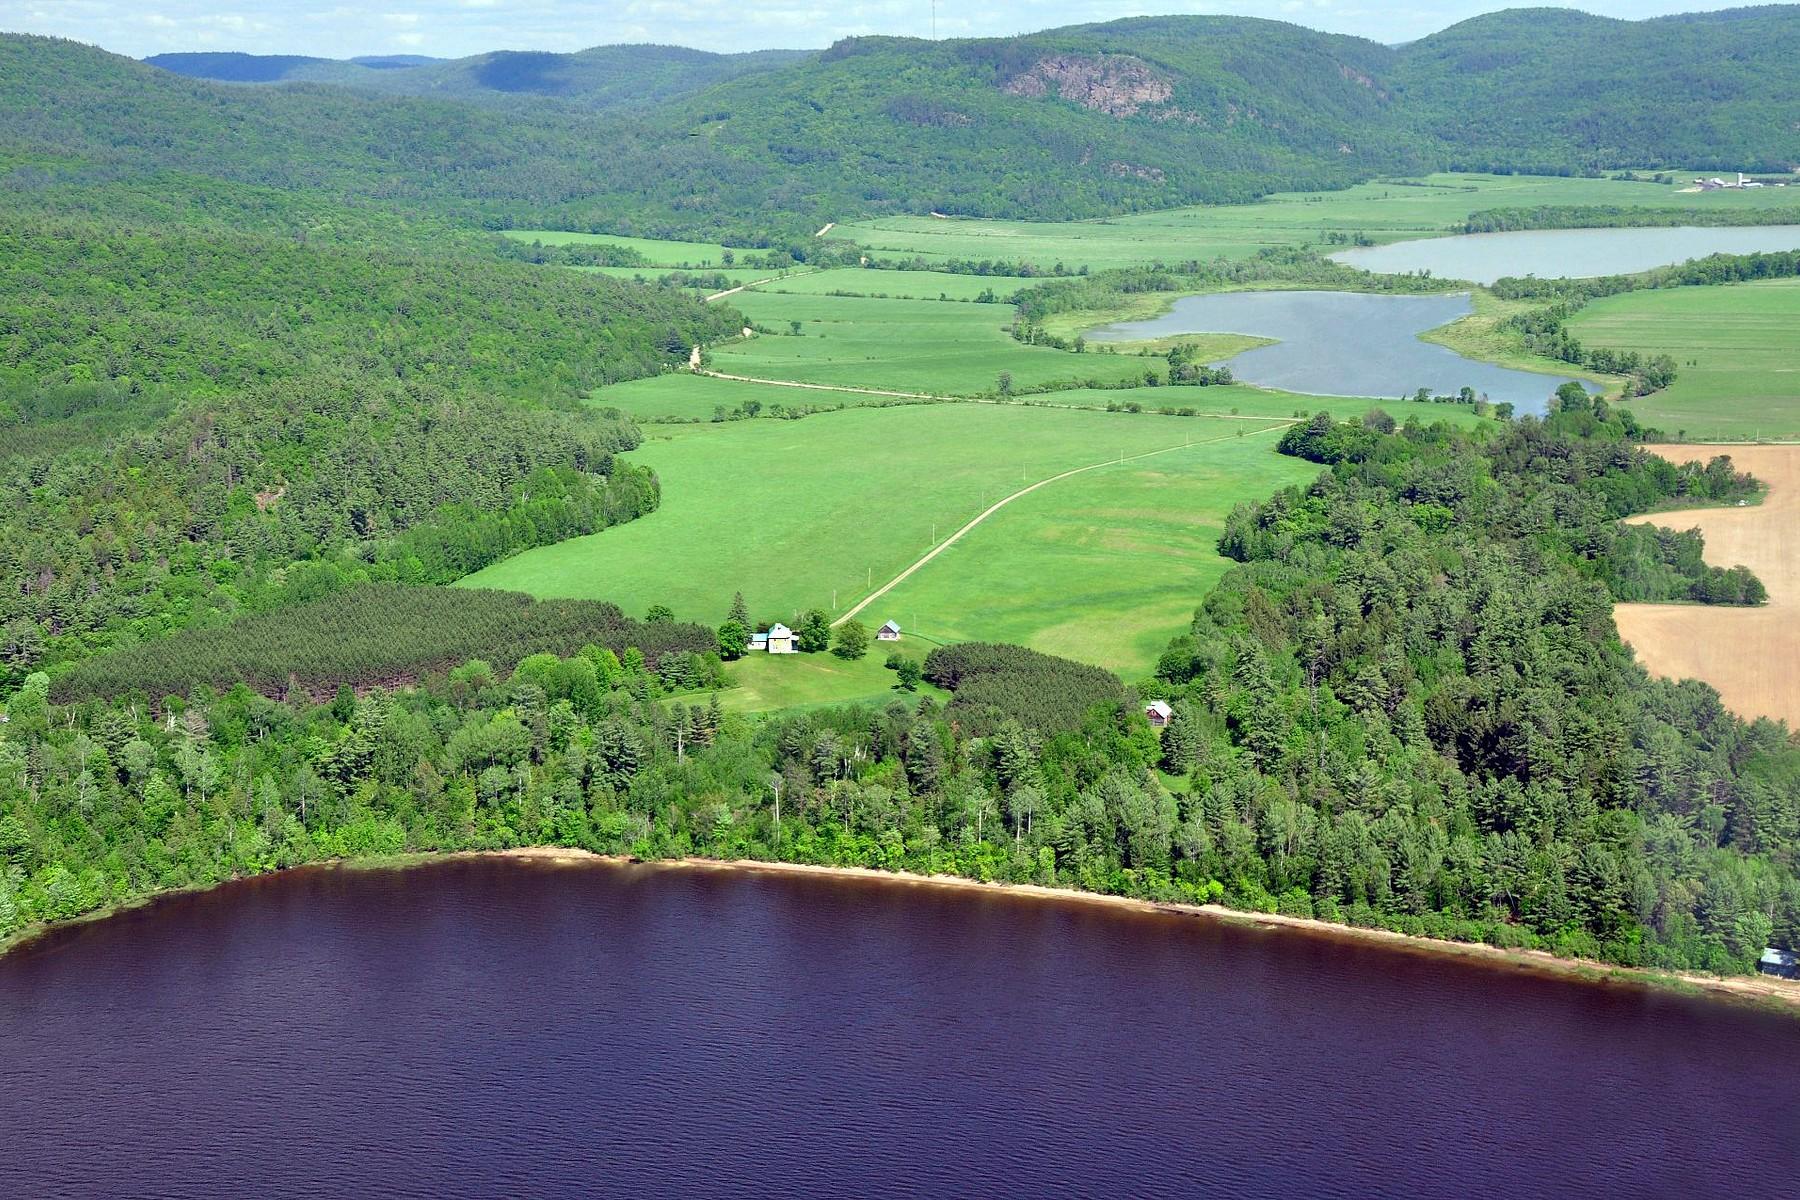 Fazenda / Quinta / Rancho / Plantação para Venda às 1628 acres WATERFRONT ESTATE 48A Ch. de la Montagne Sheenboro, Quebec, J0X2Z0 Canadá